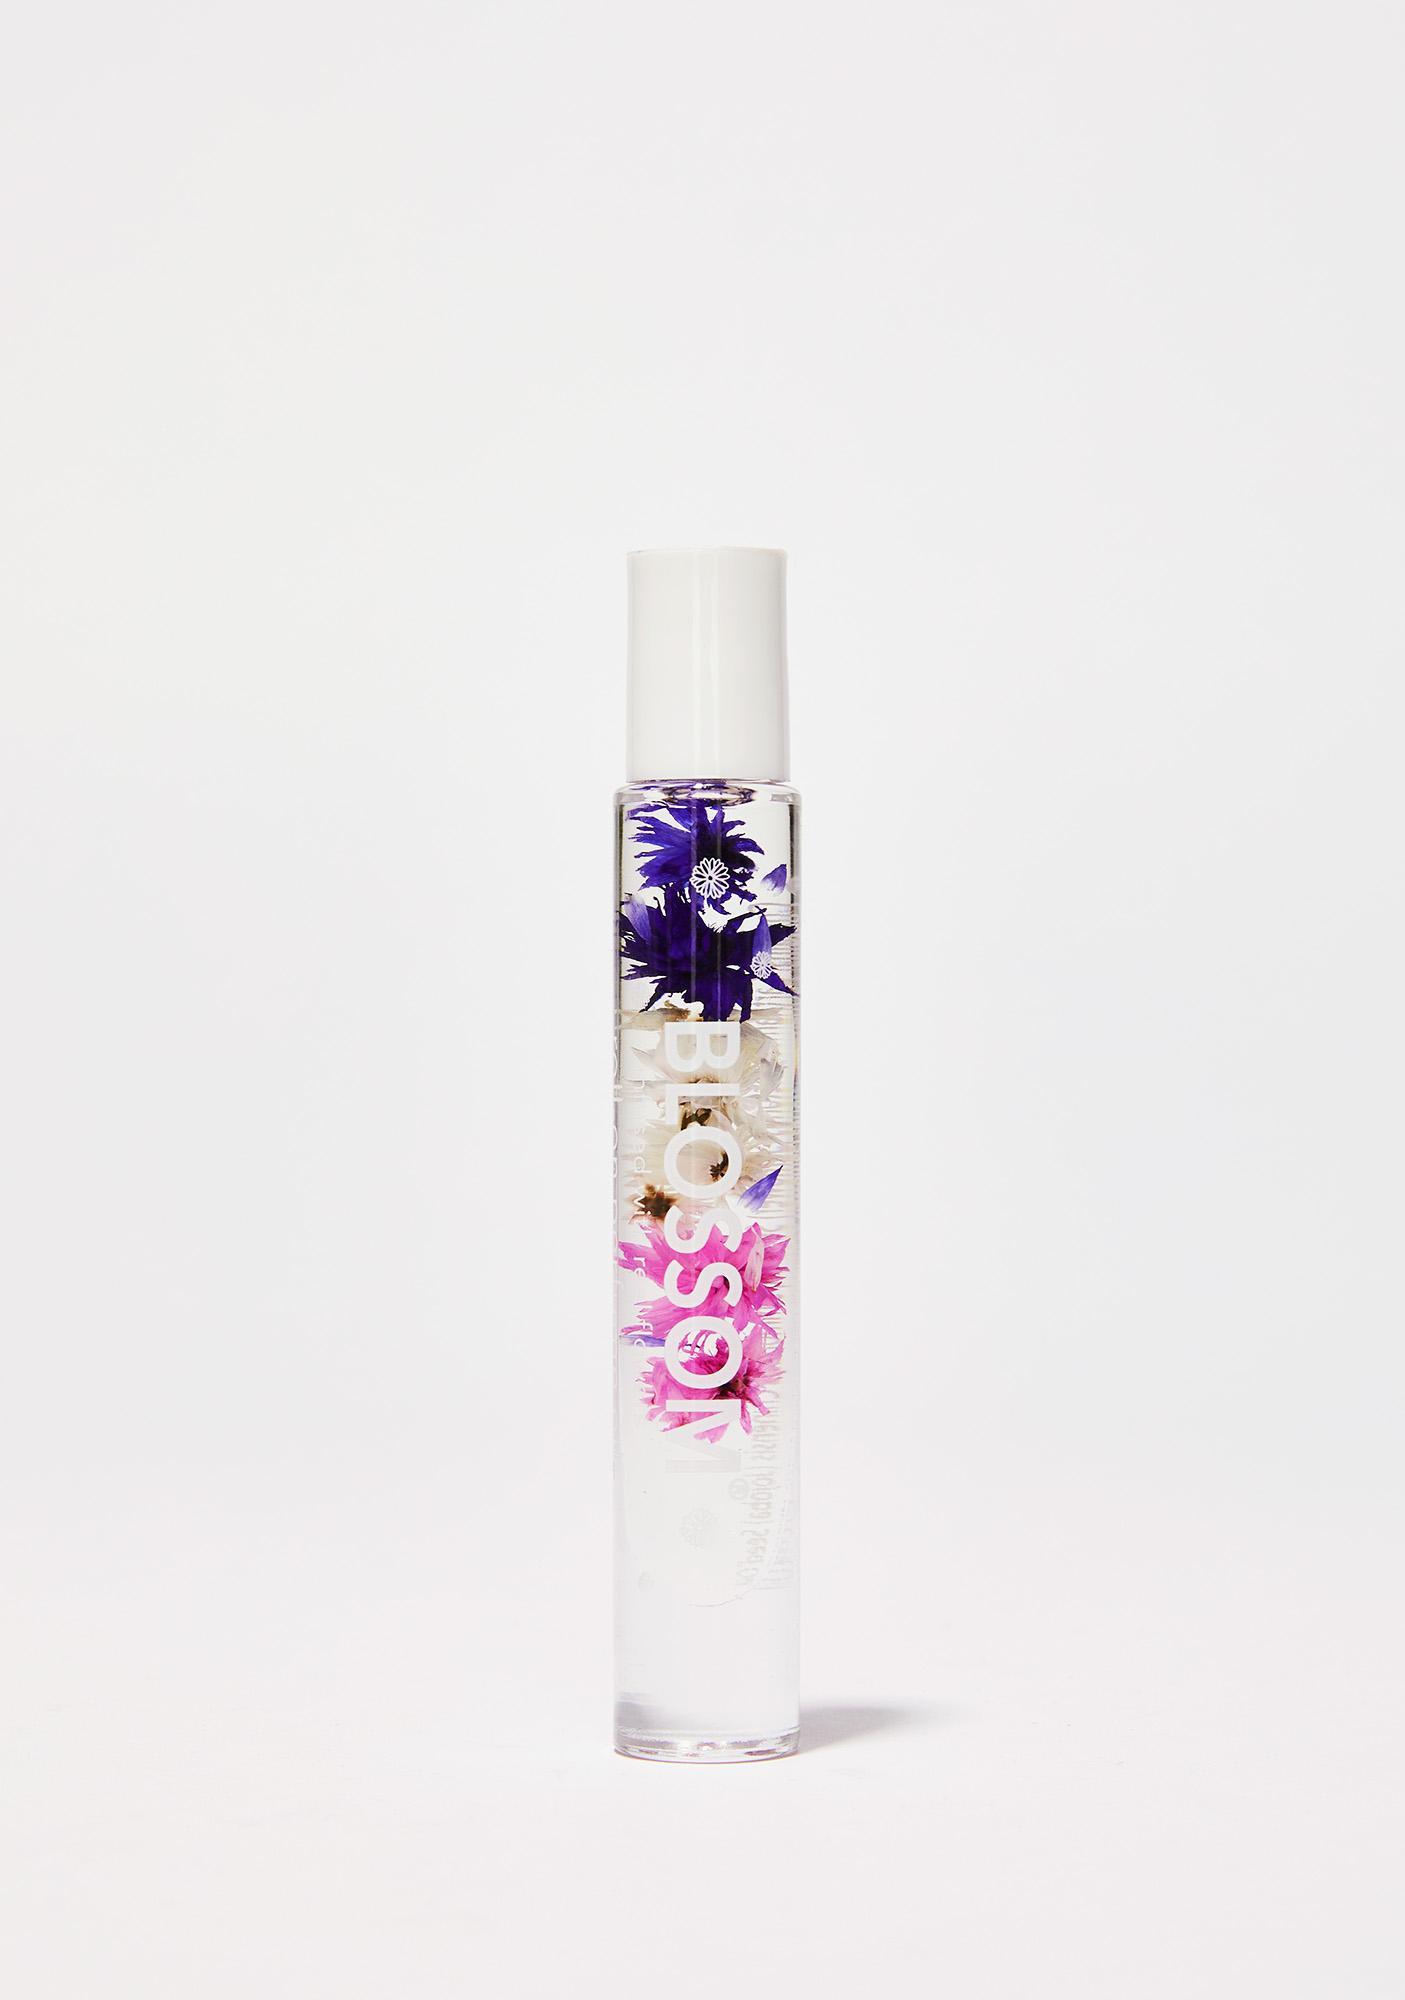 Blossom Honey Jasmine Roll On Perfume Oil